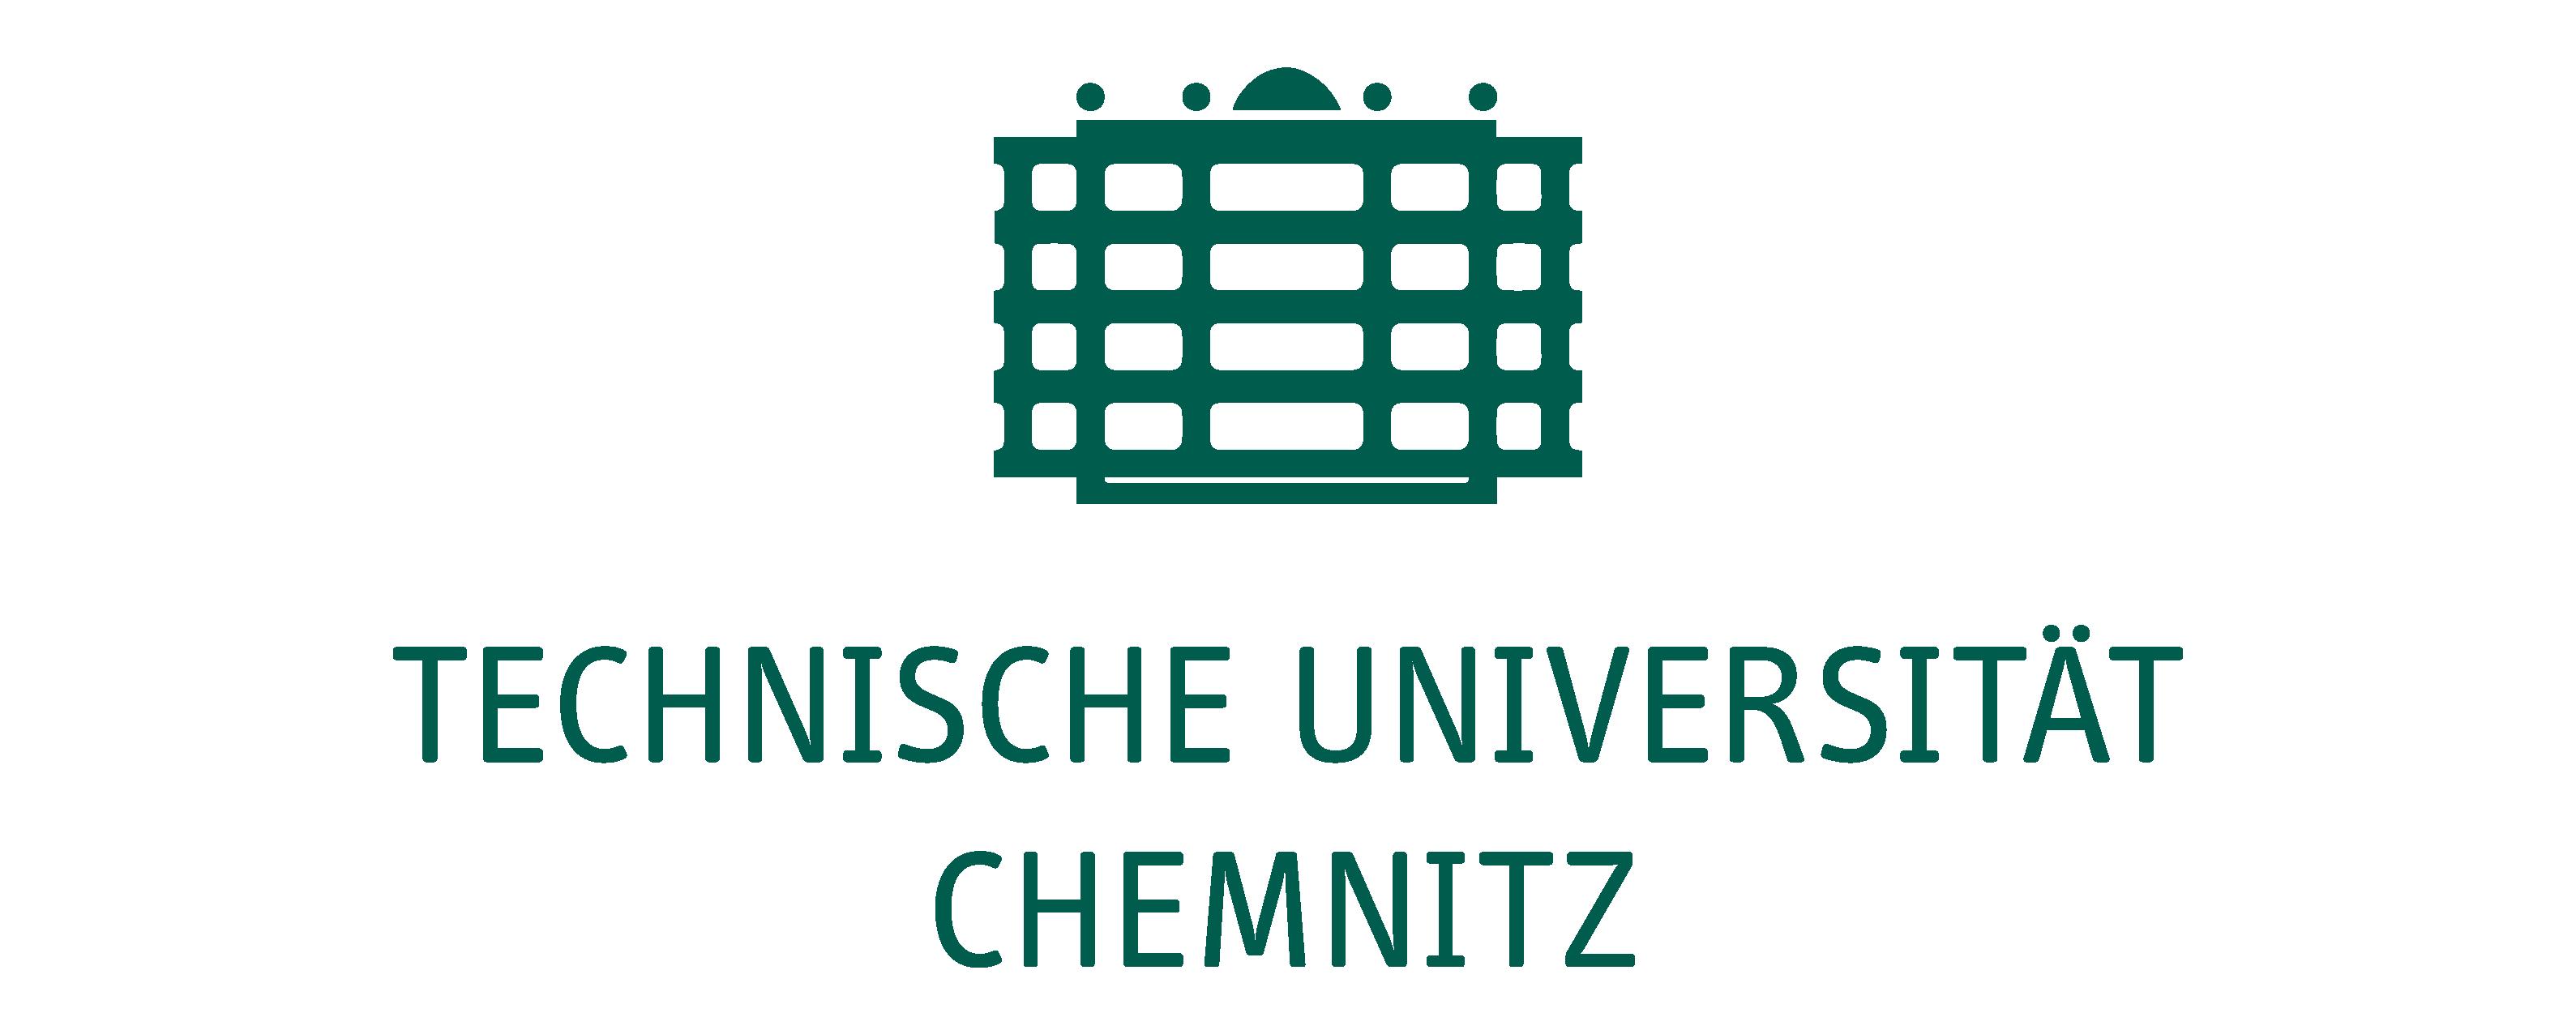 TU_Chemnitz